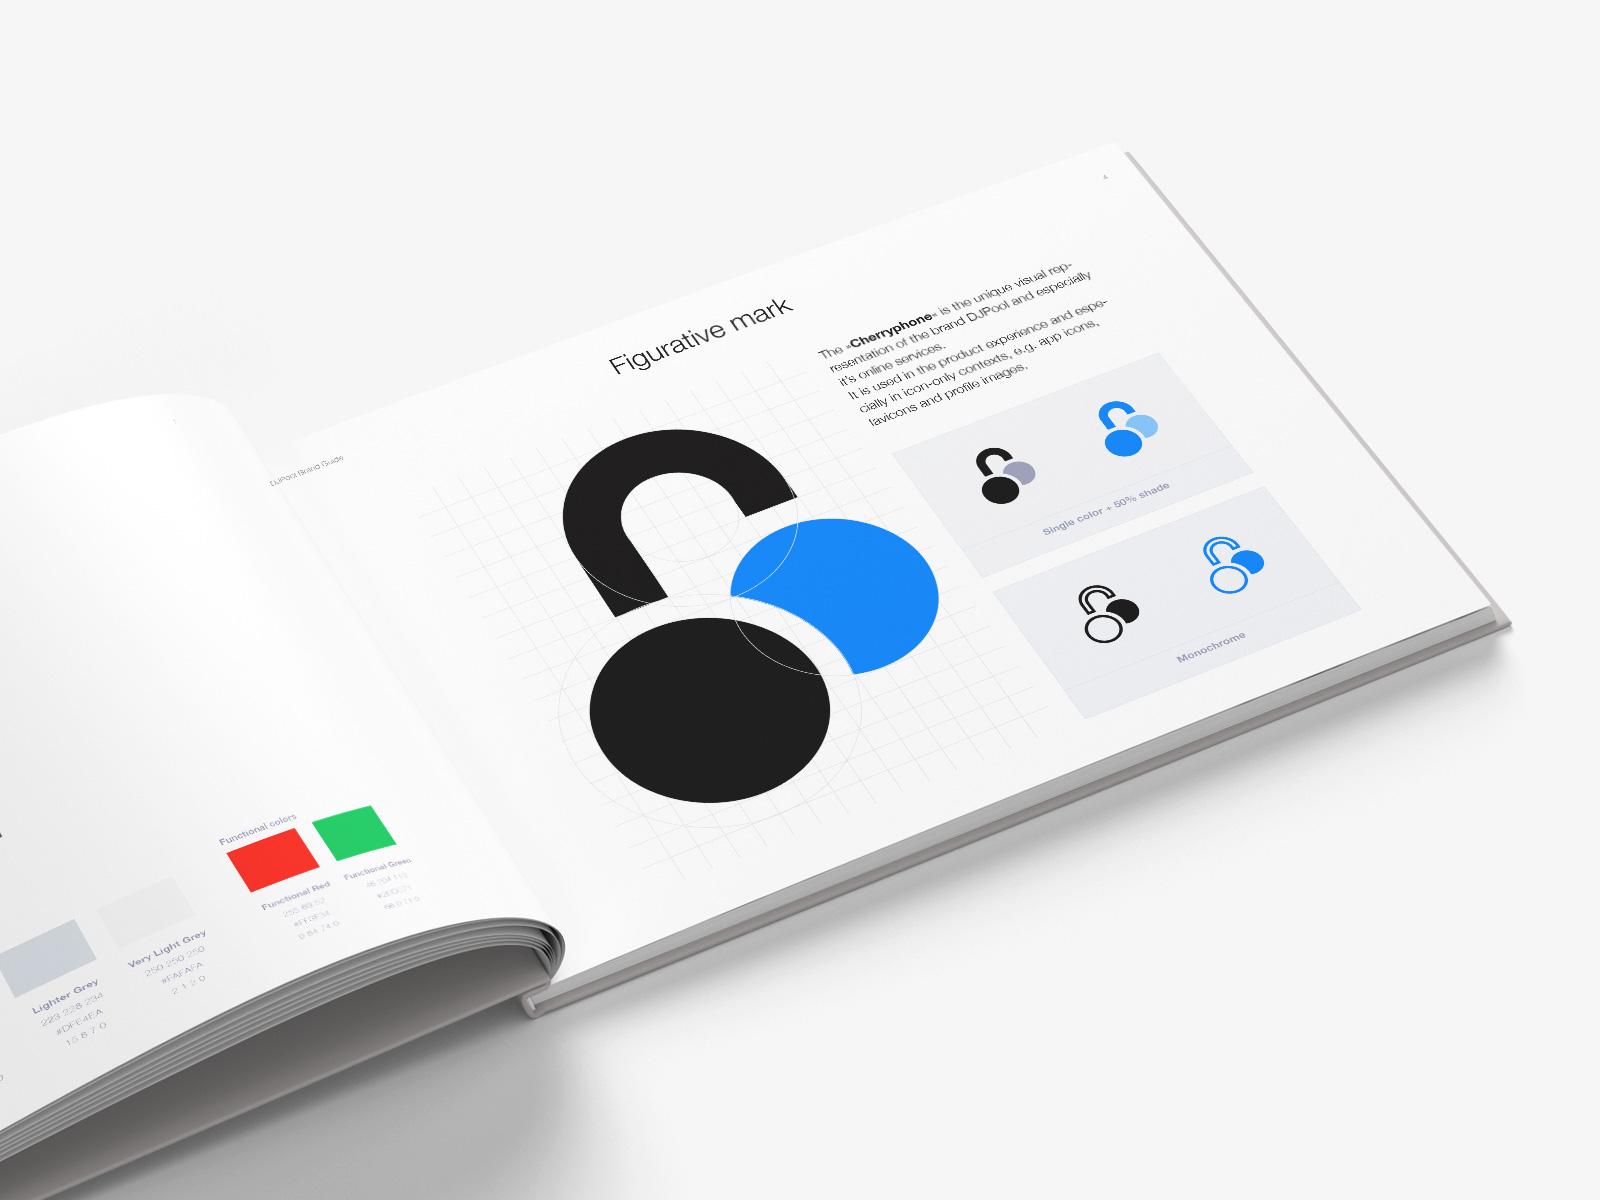 Djp brandbook 1